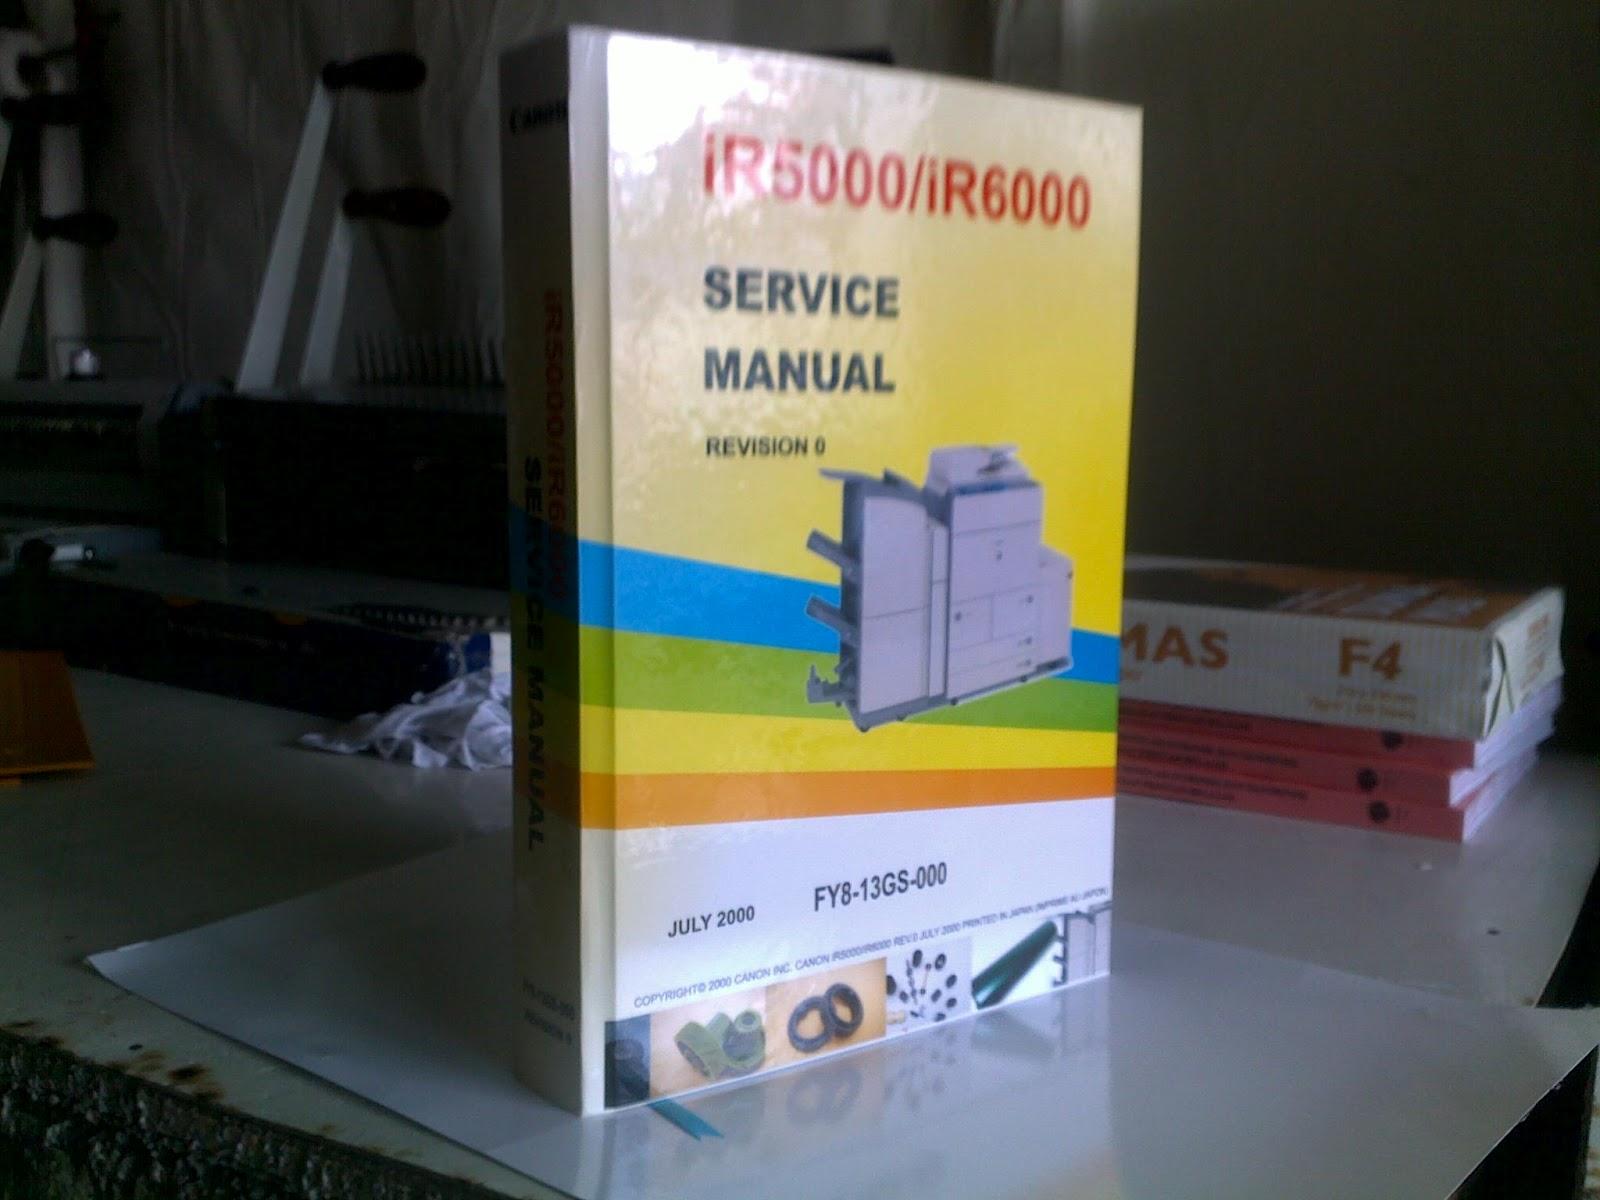 Ir1510 service manual